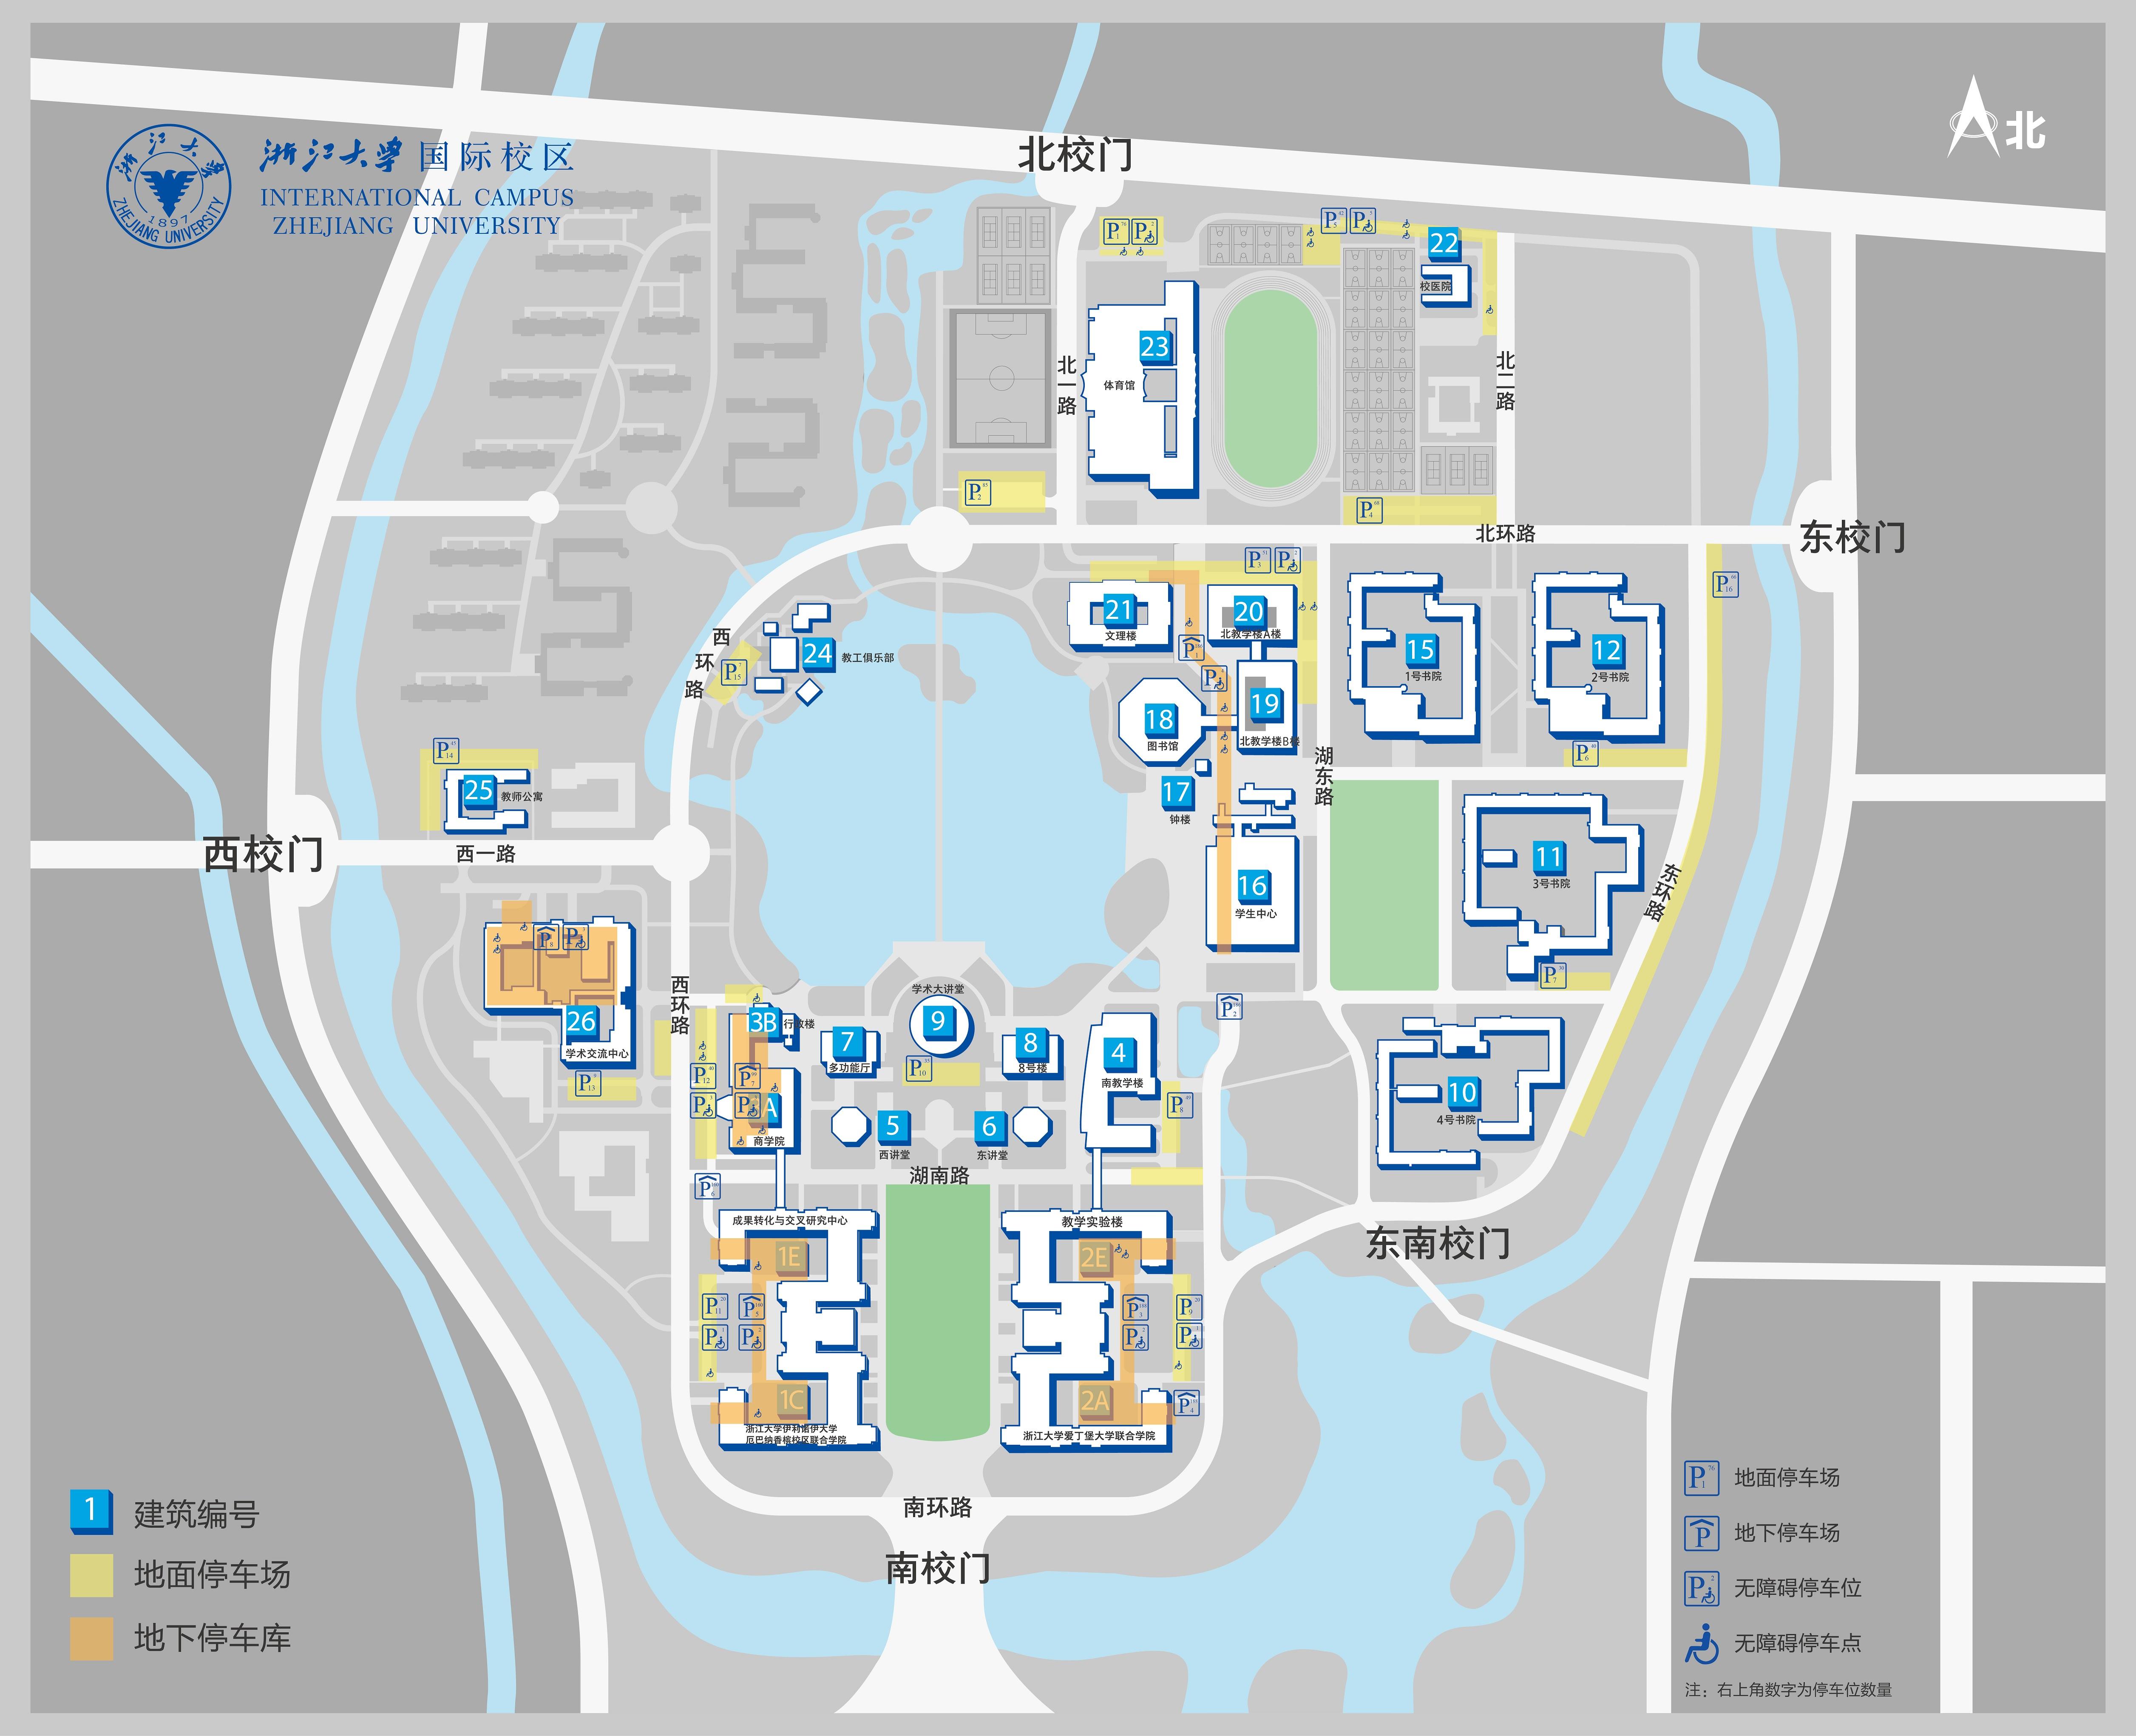 浙江大学海宁国际校区无障碍停车地图.jpg